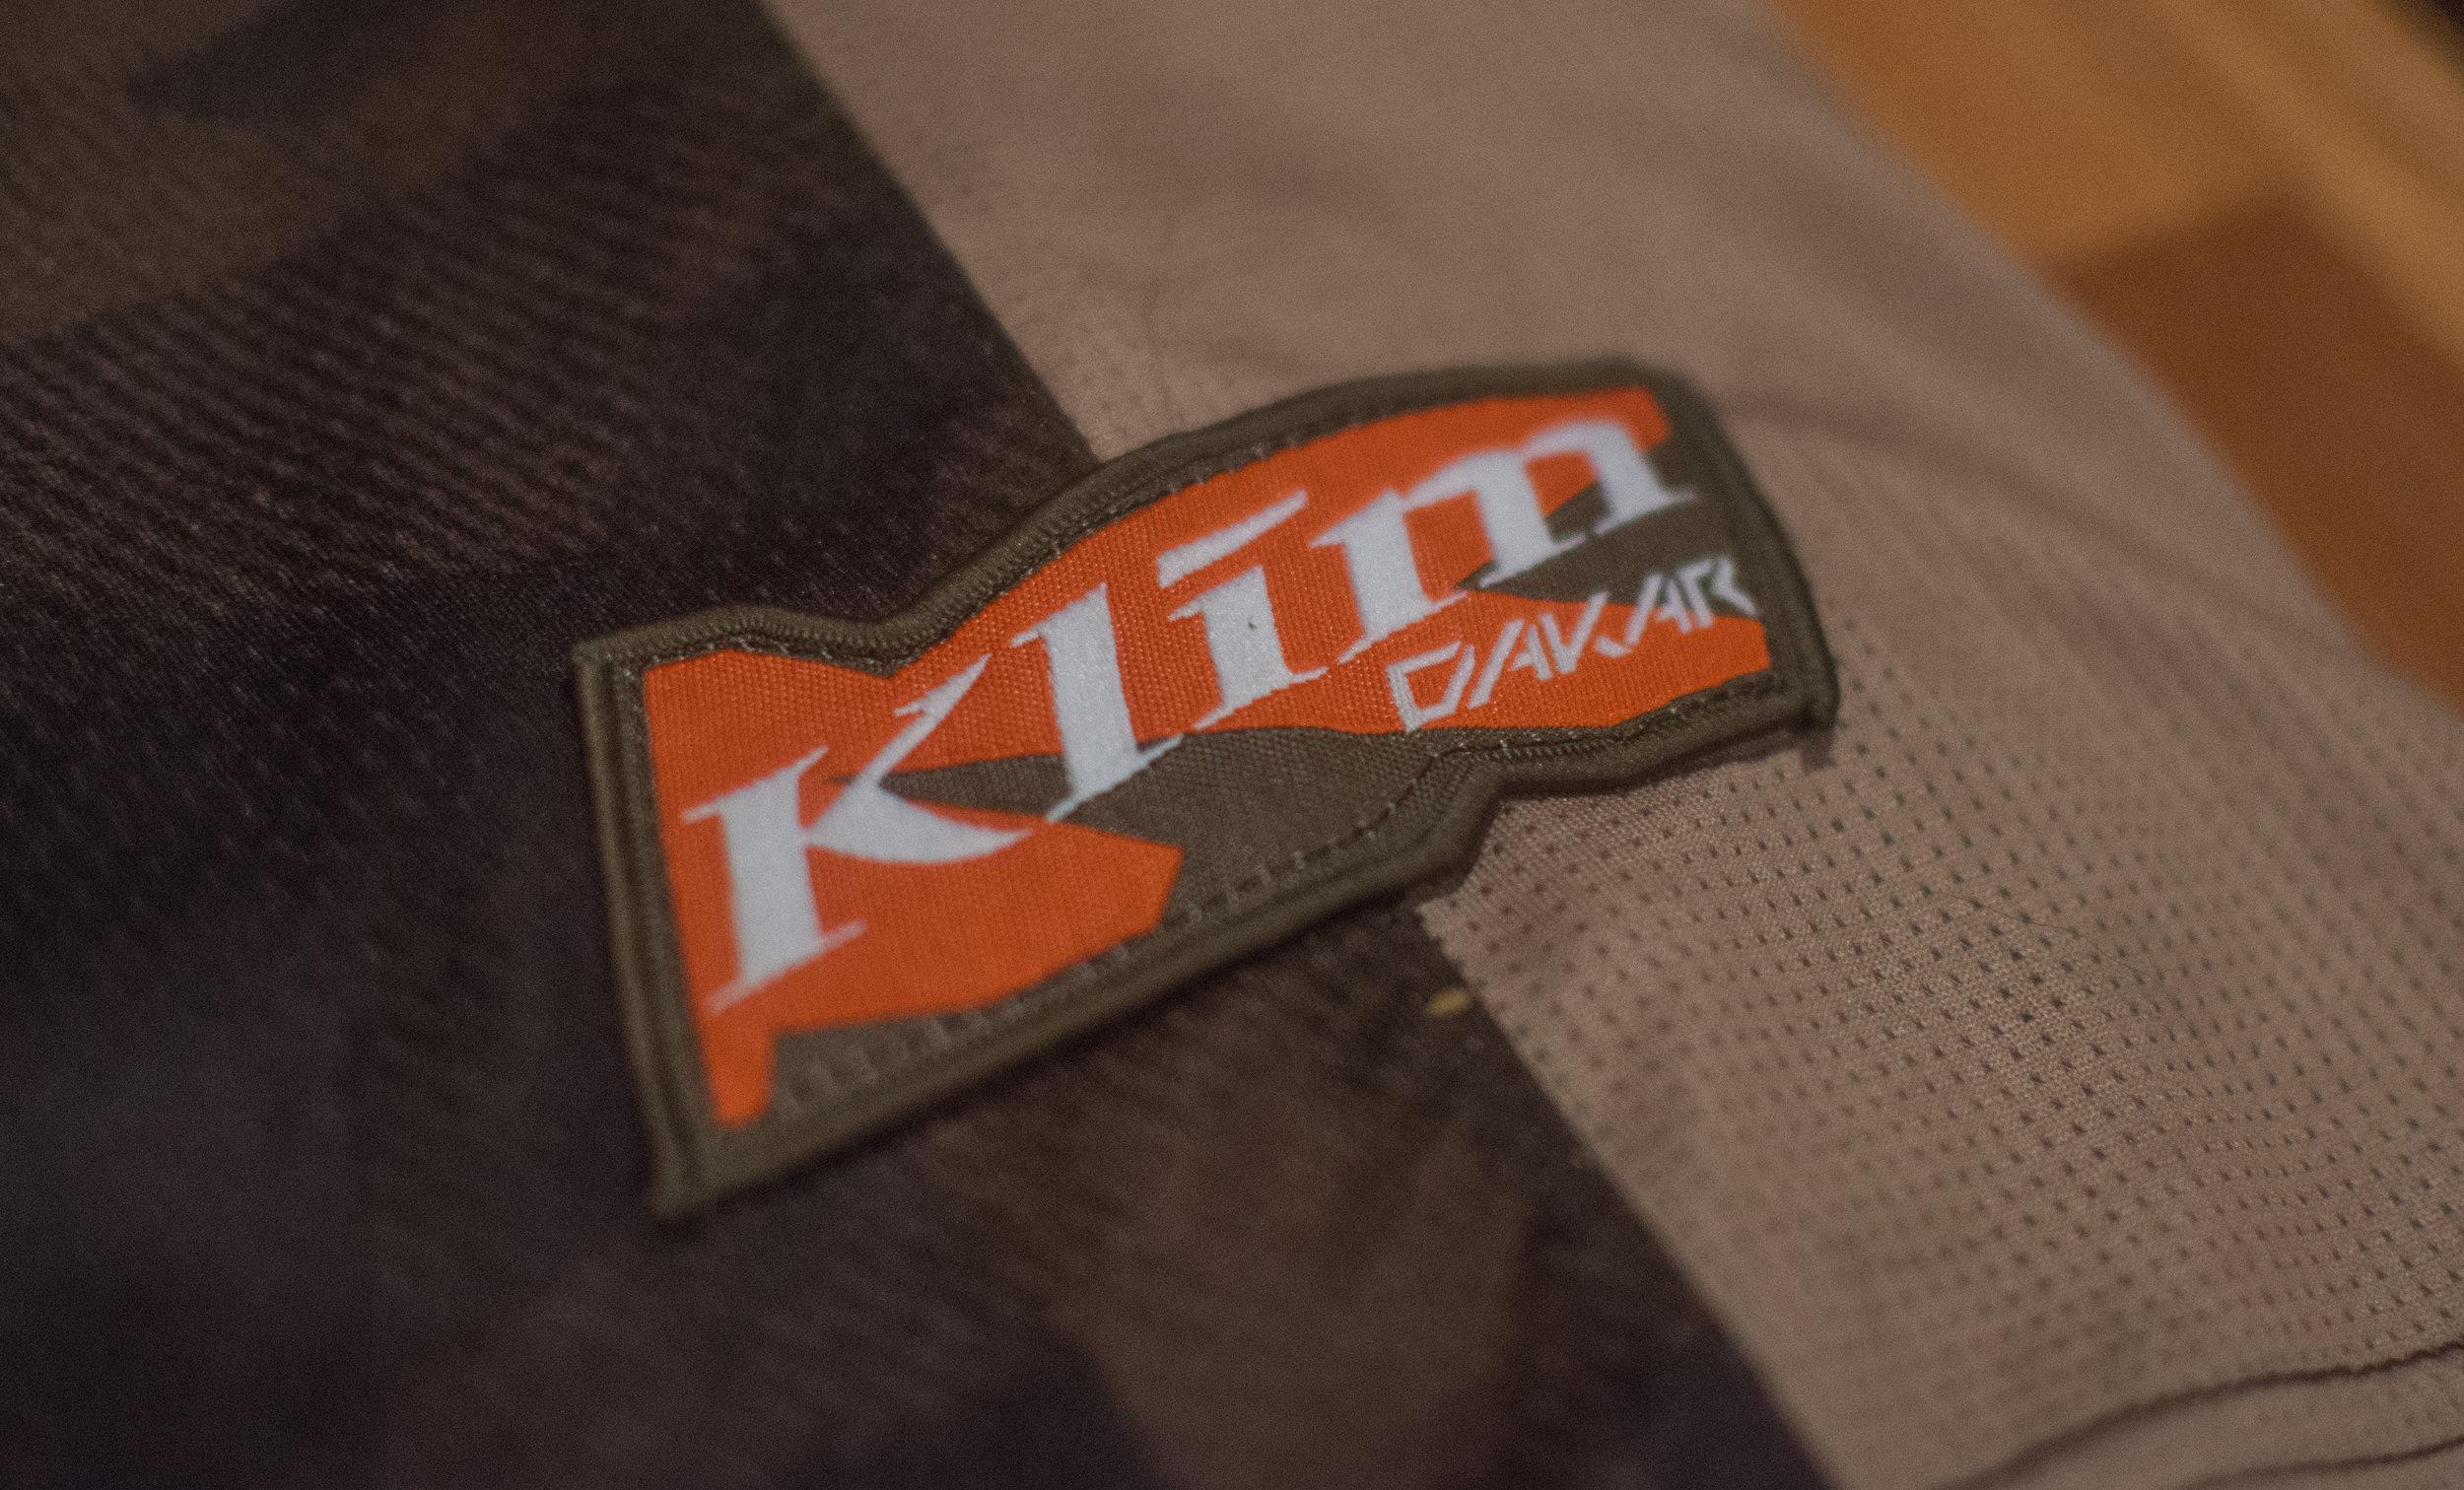 KLiM Dakar 2017